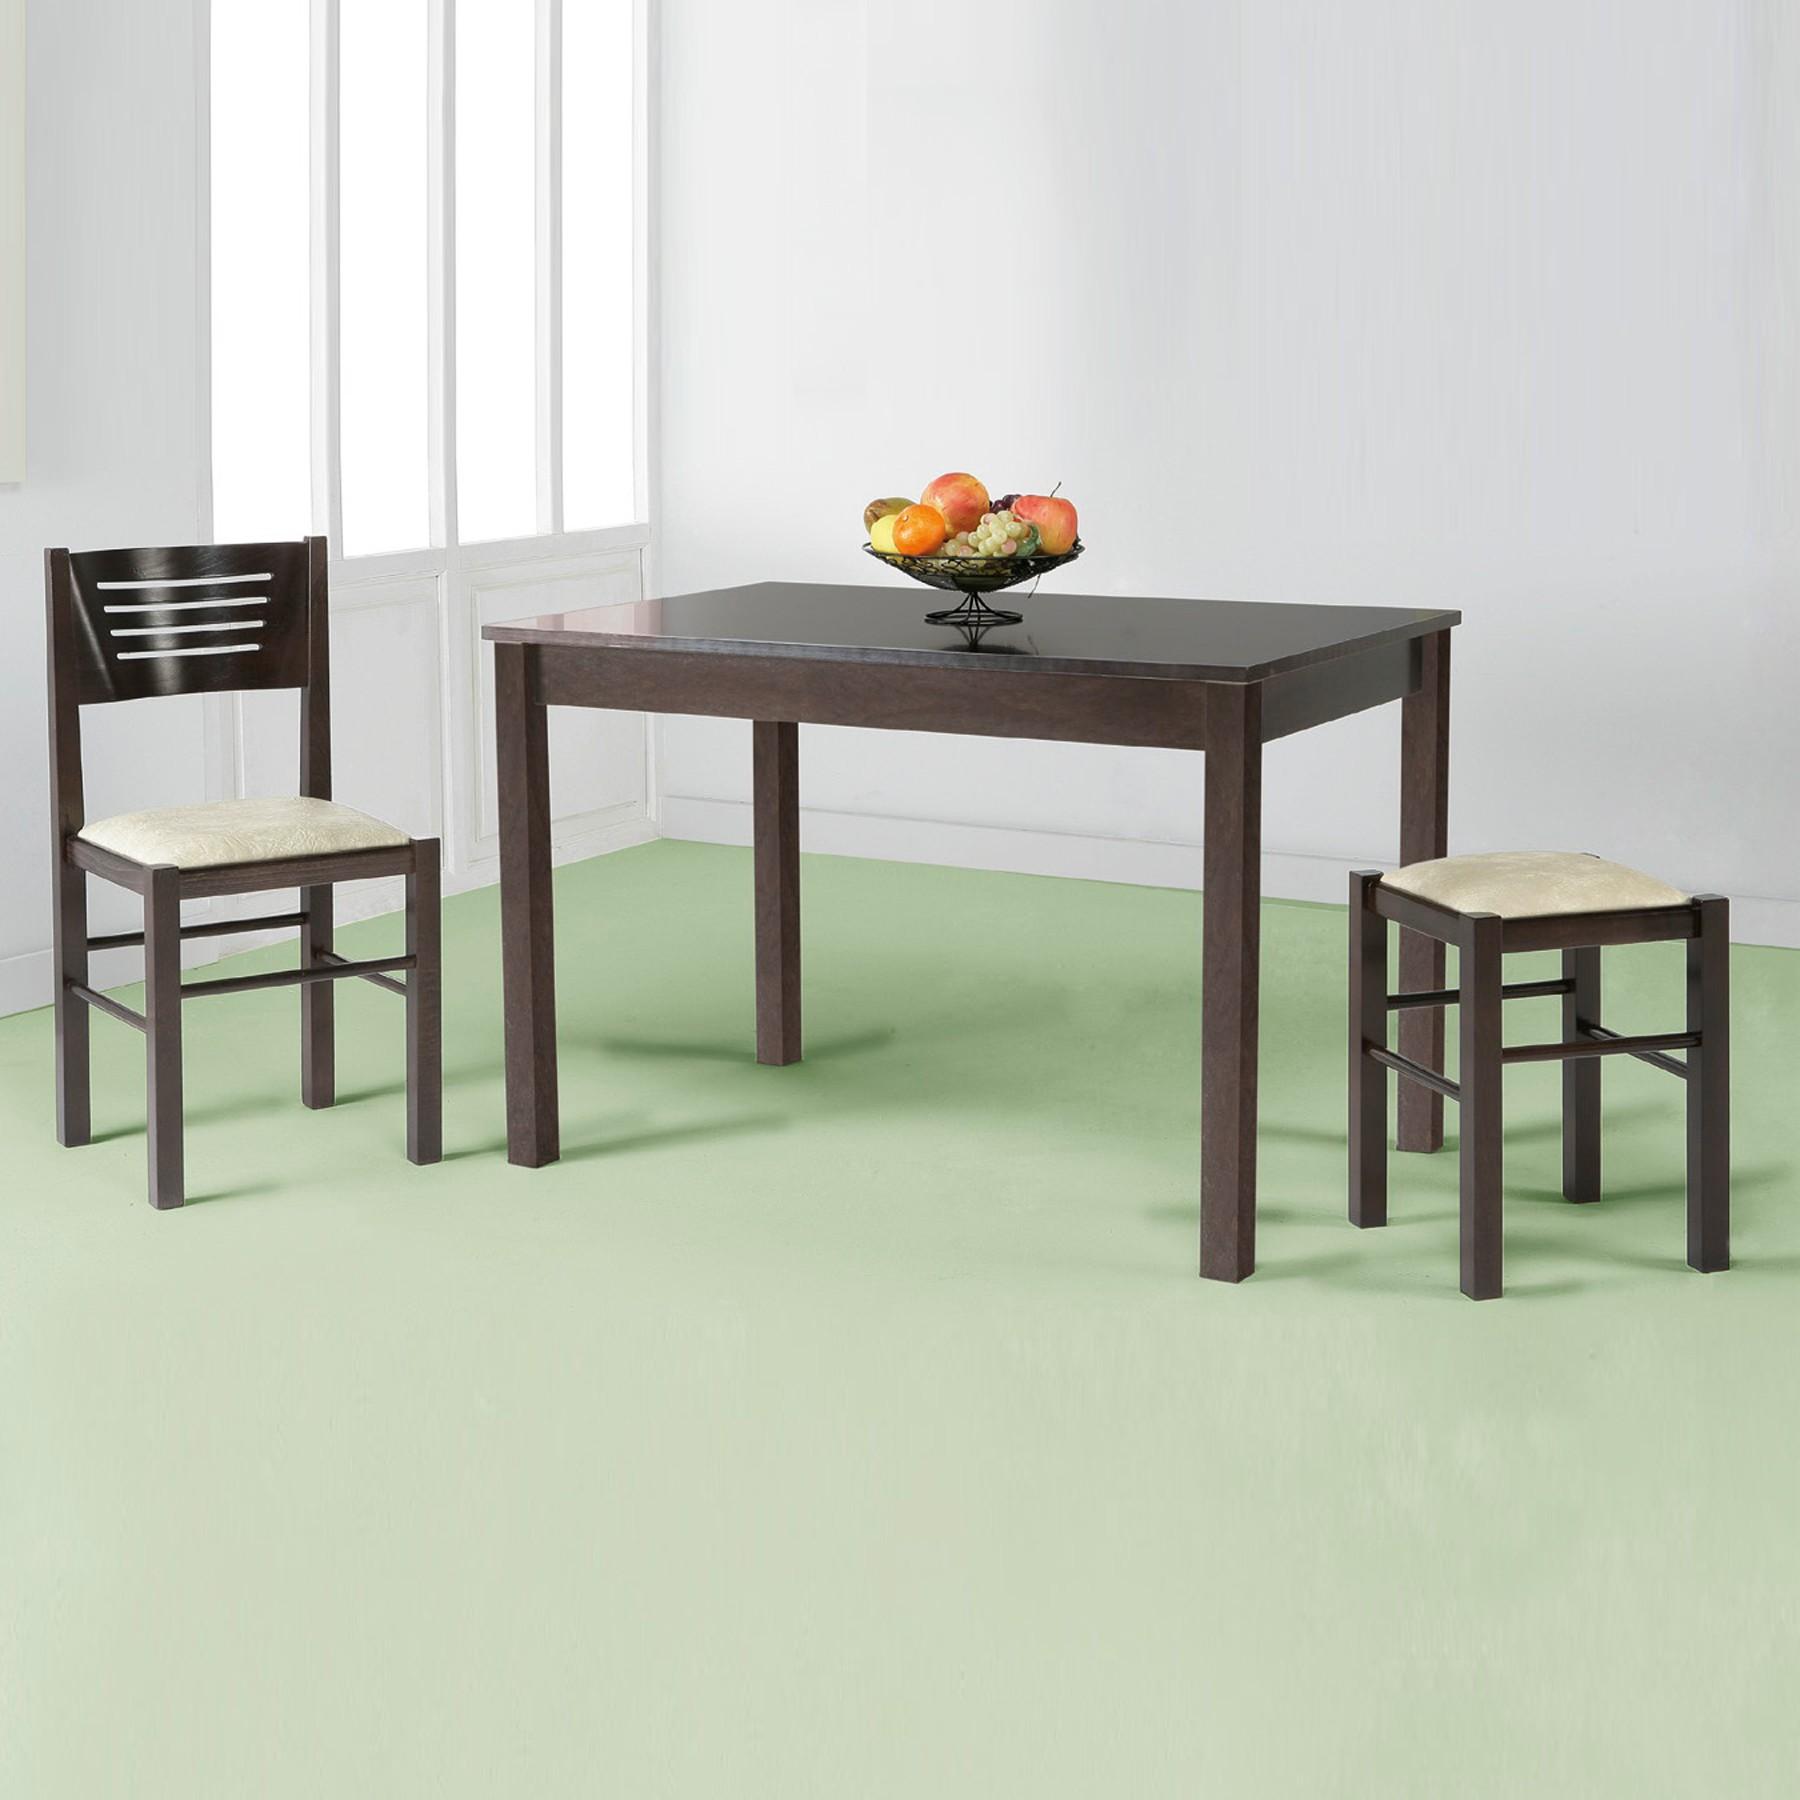 Mesa de cocina y comedor fija en madera modelo persimo for Modelos de mesas de comedor de madera